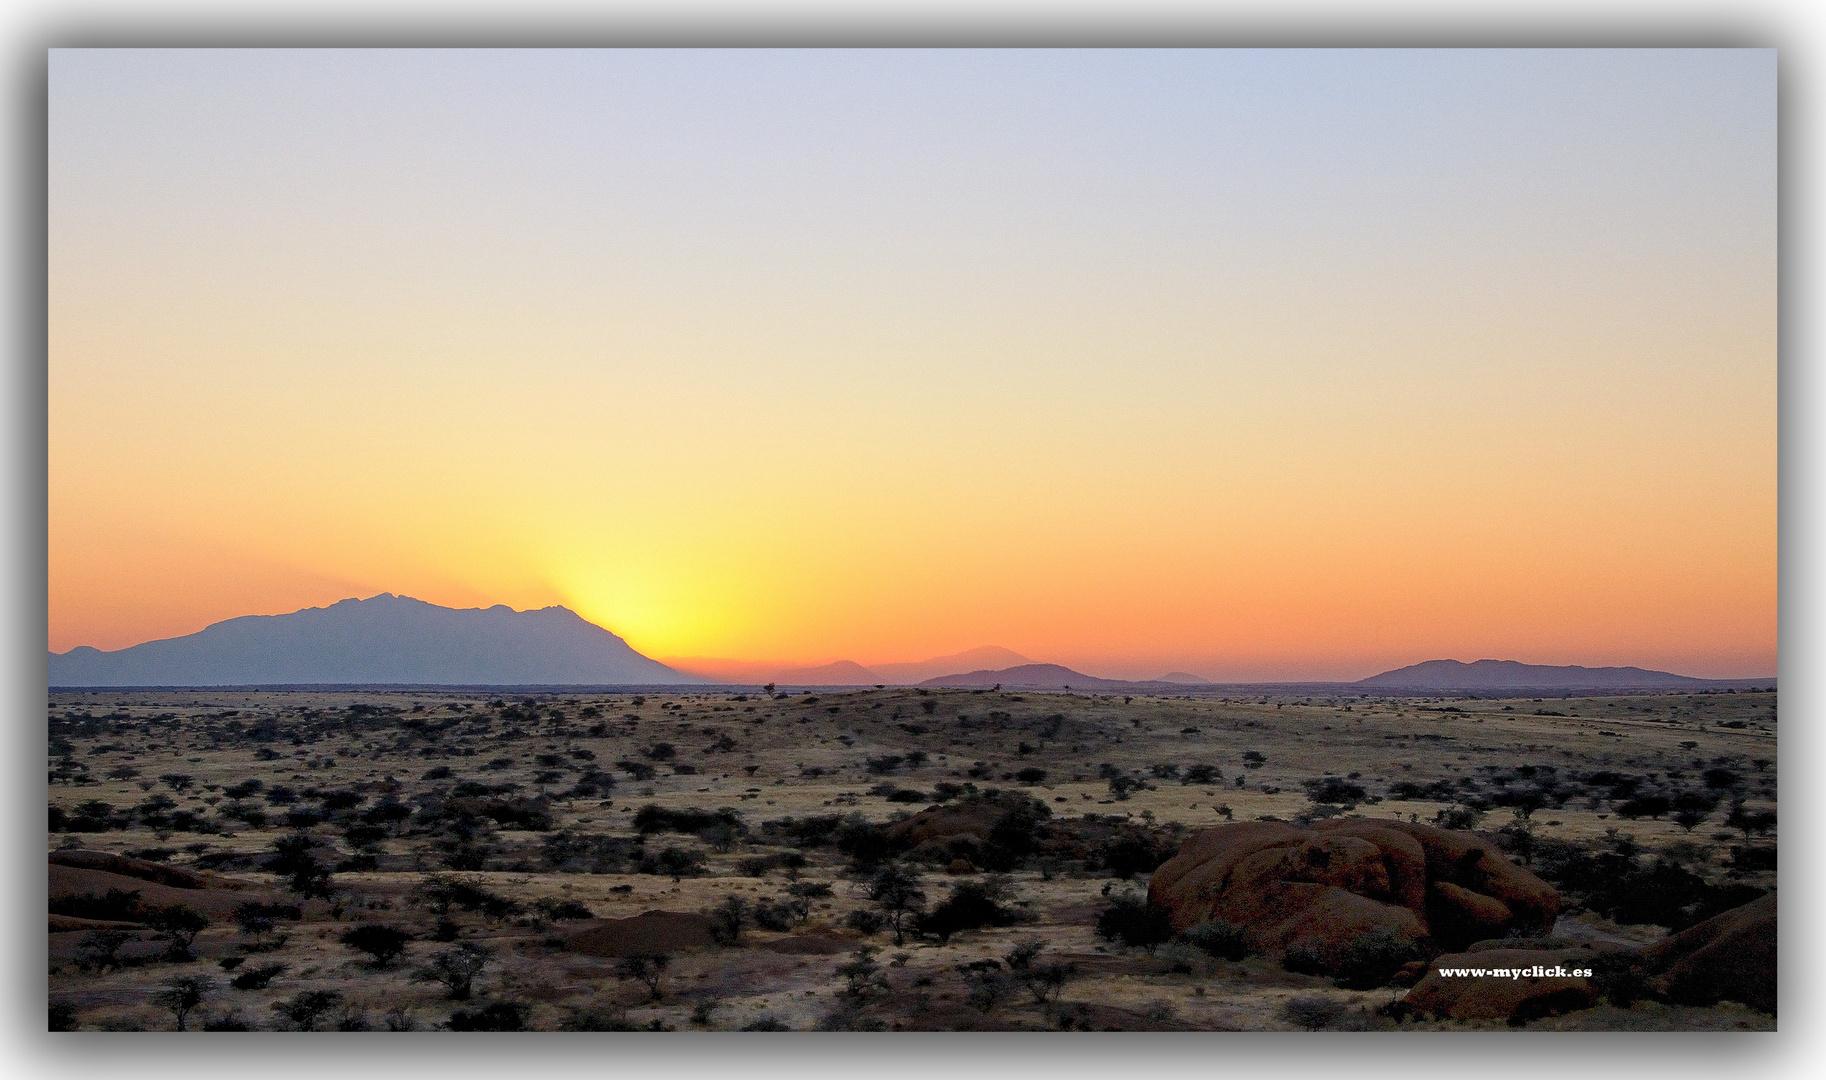 MEMORIAS DE AFRICA-AMANECER EN SPIZKOPE-2 NAMIBIA